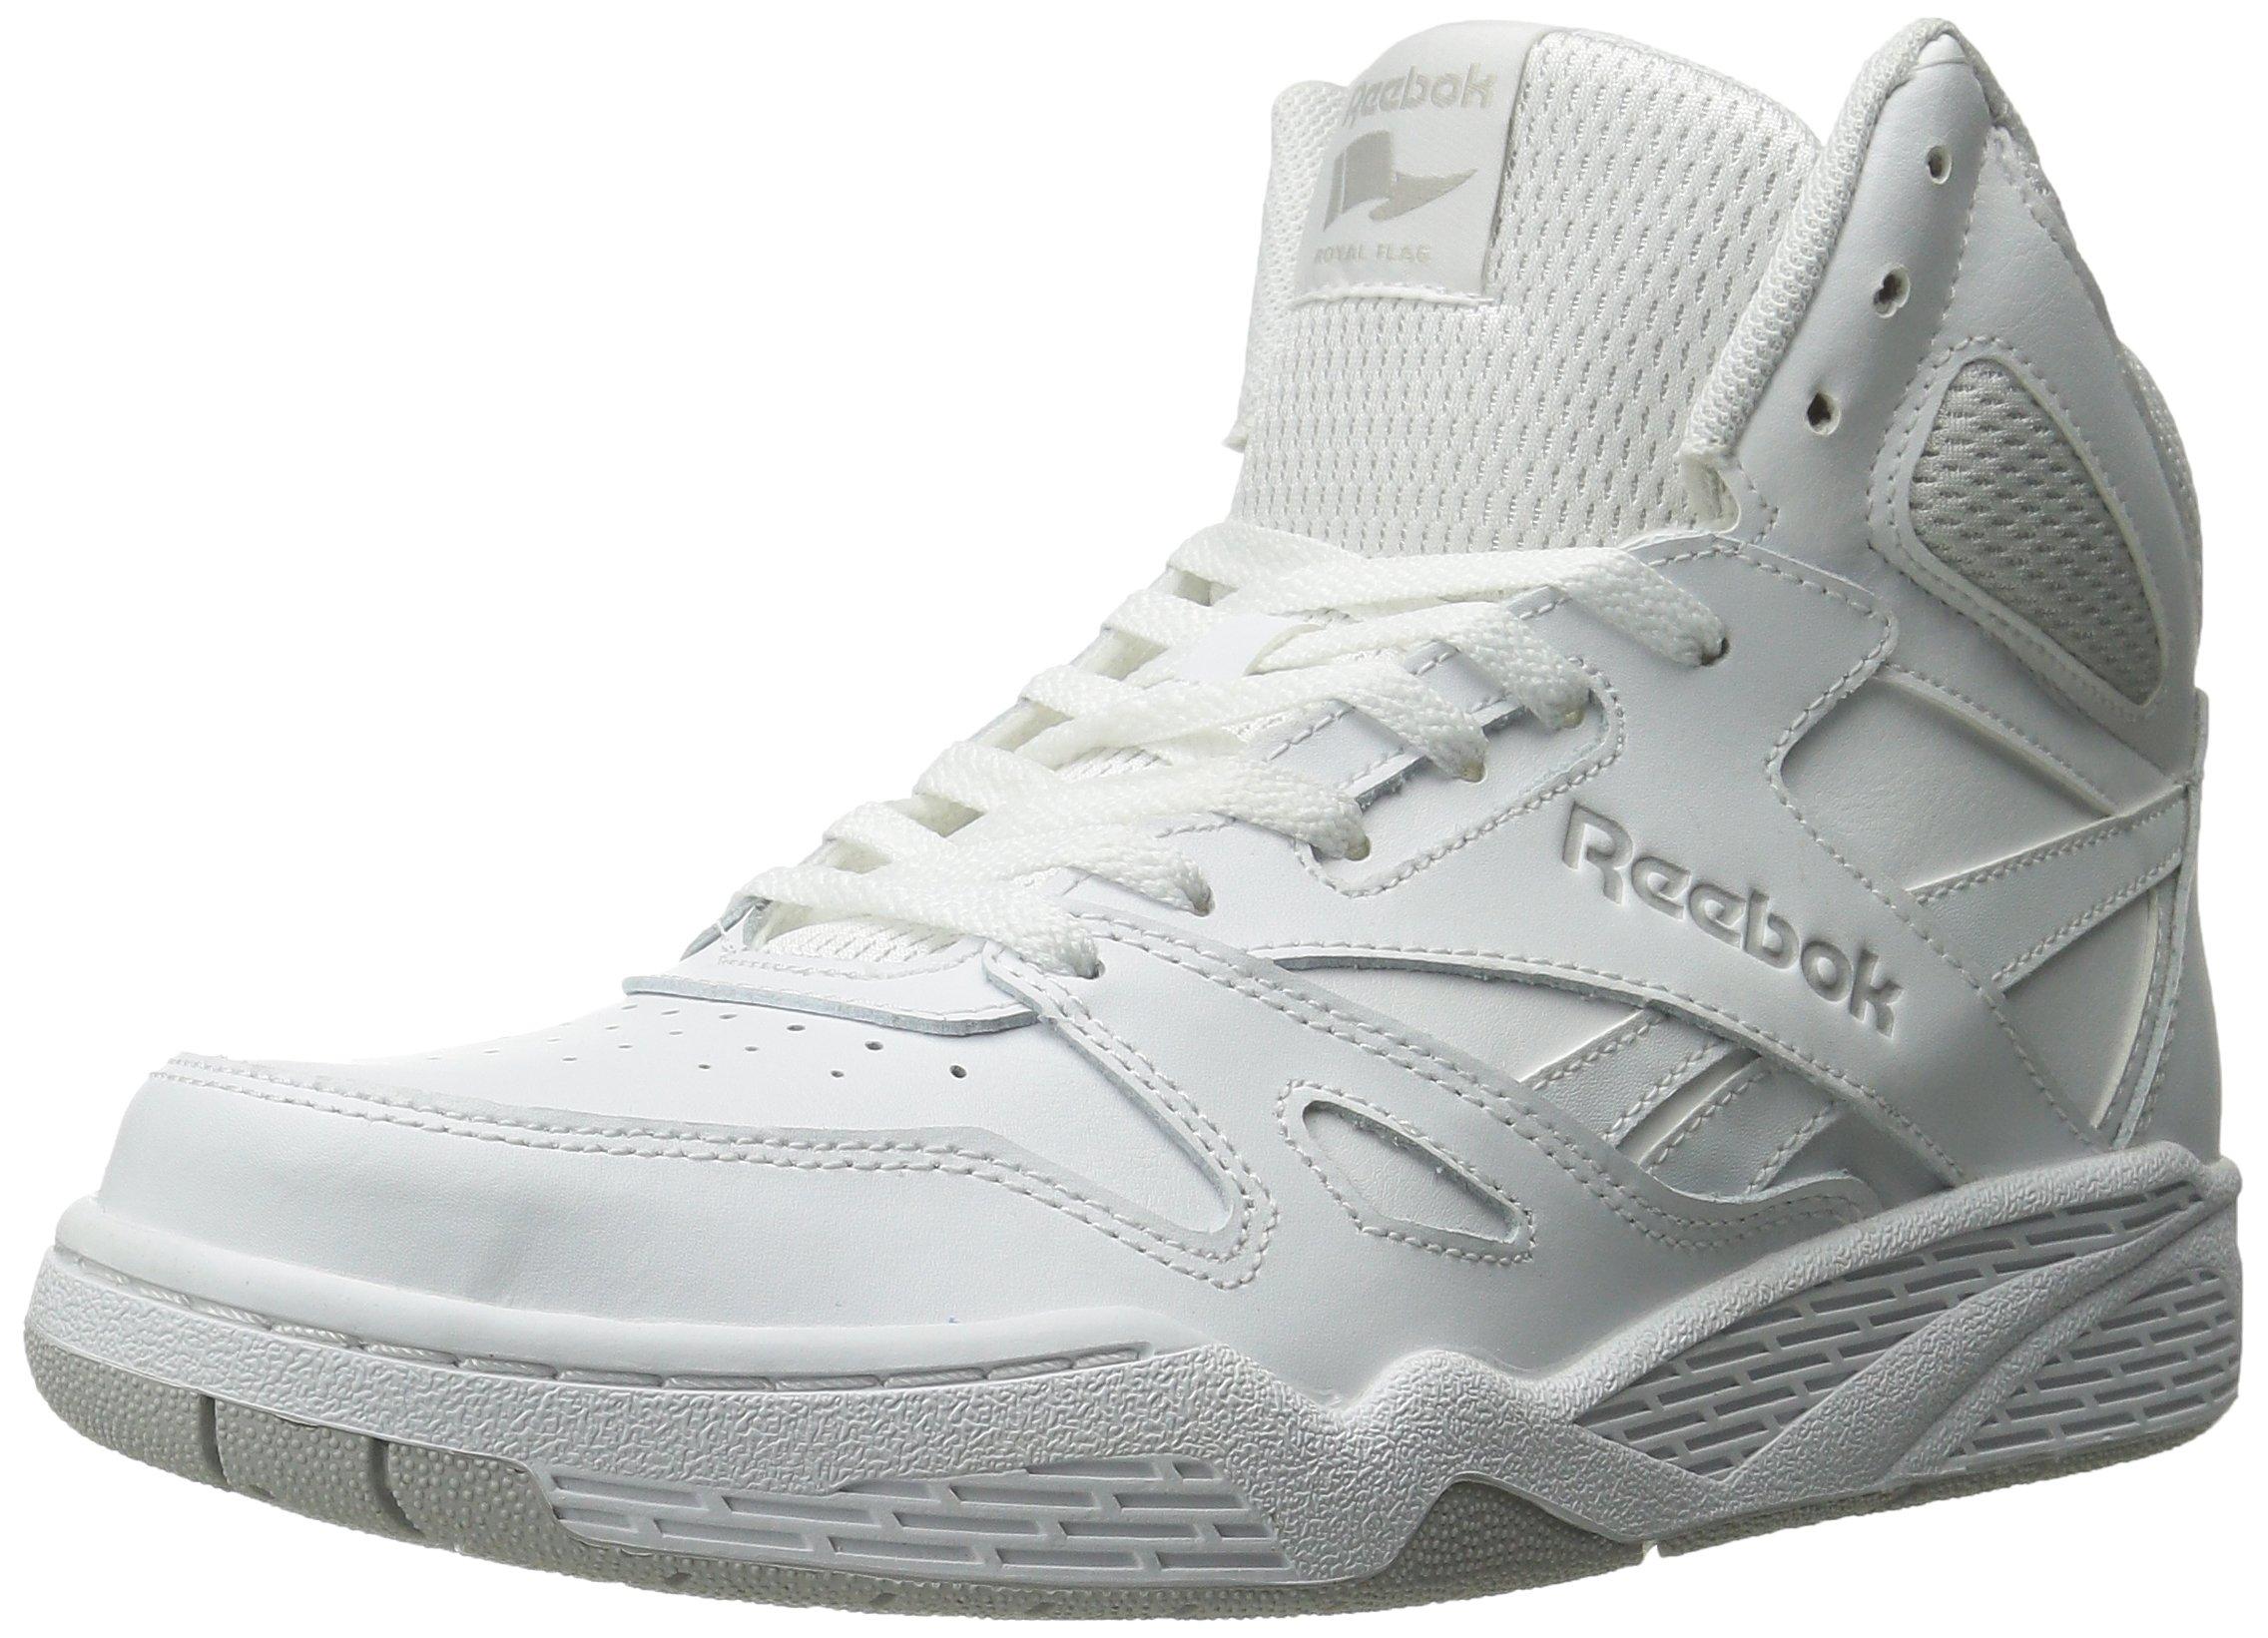 Reebok Men's Royal Bb4500 Hi Fashion Sneaker, White/Steel, 8.5 M US